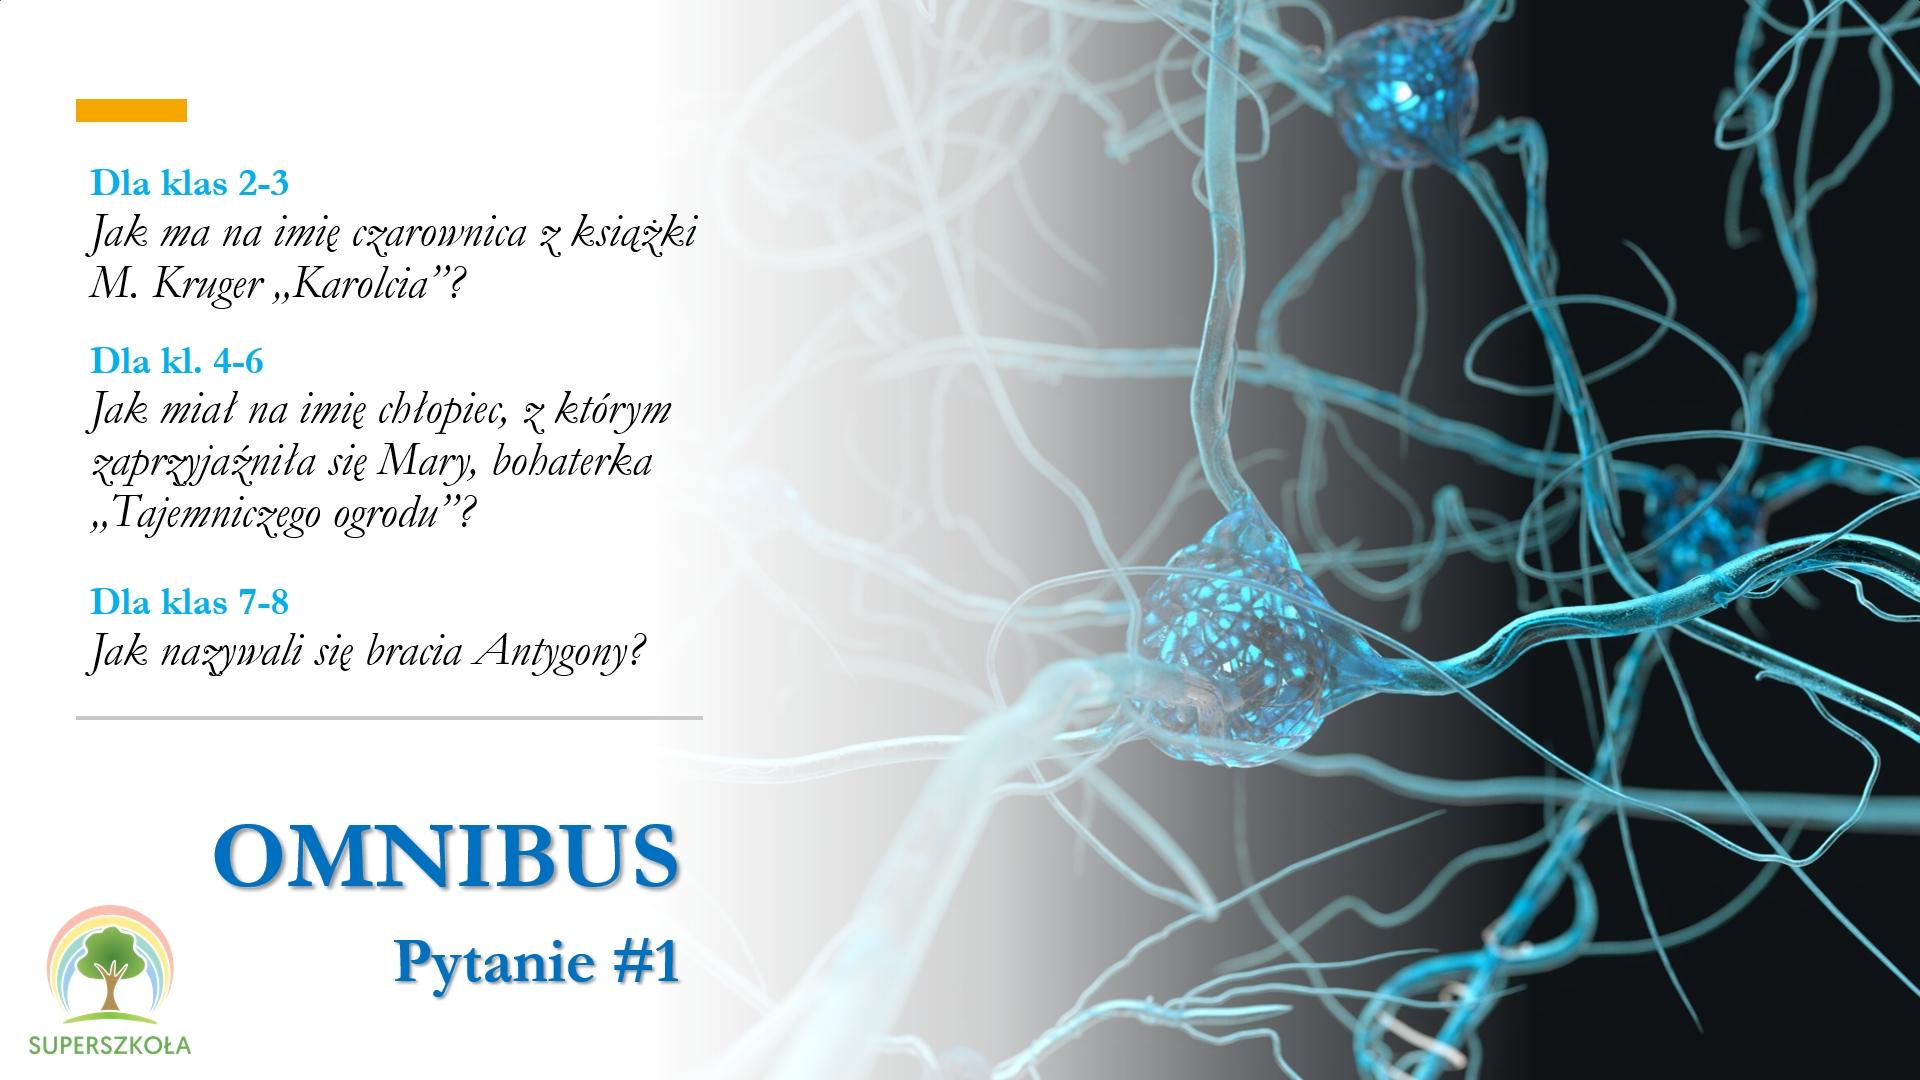 Omnibus_pyt_1